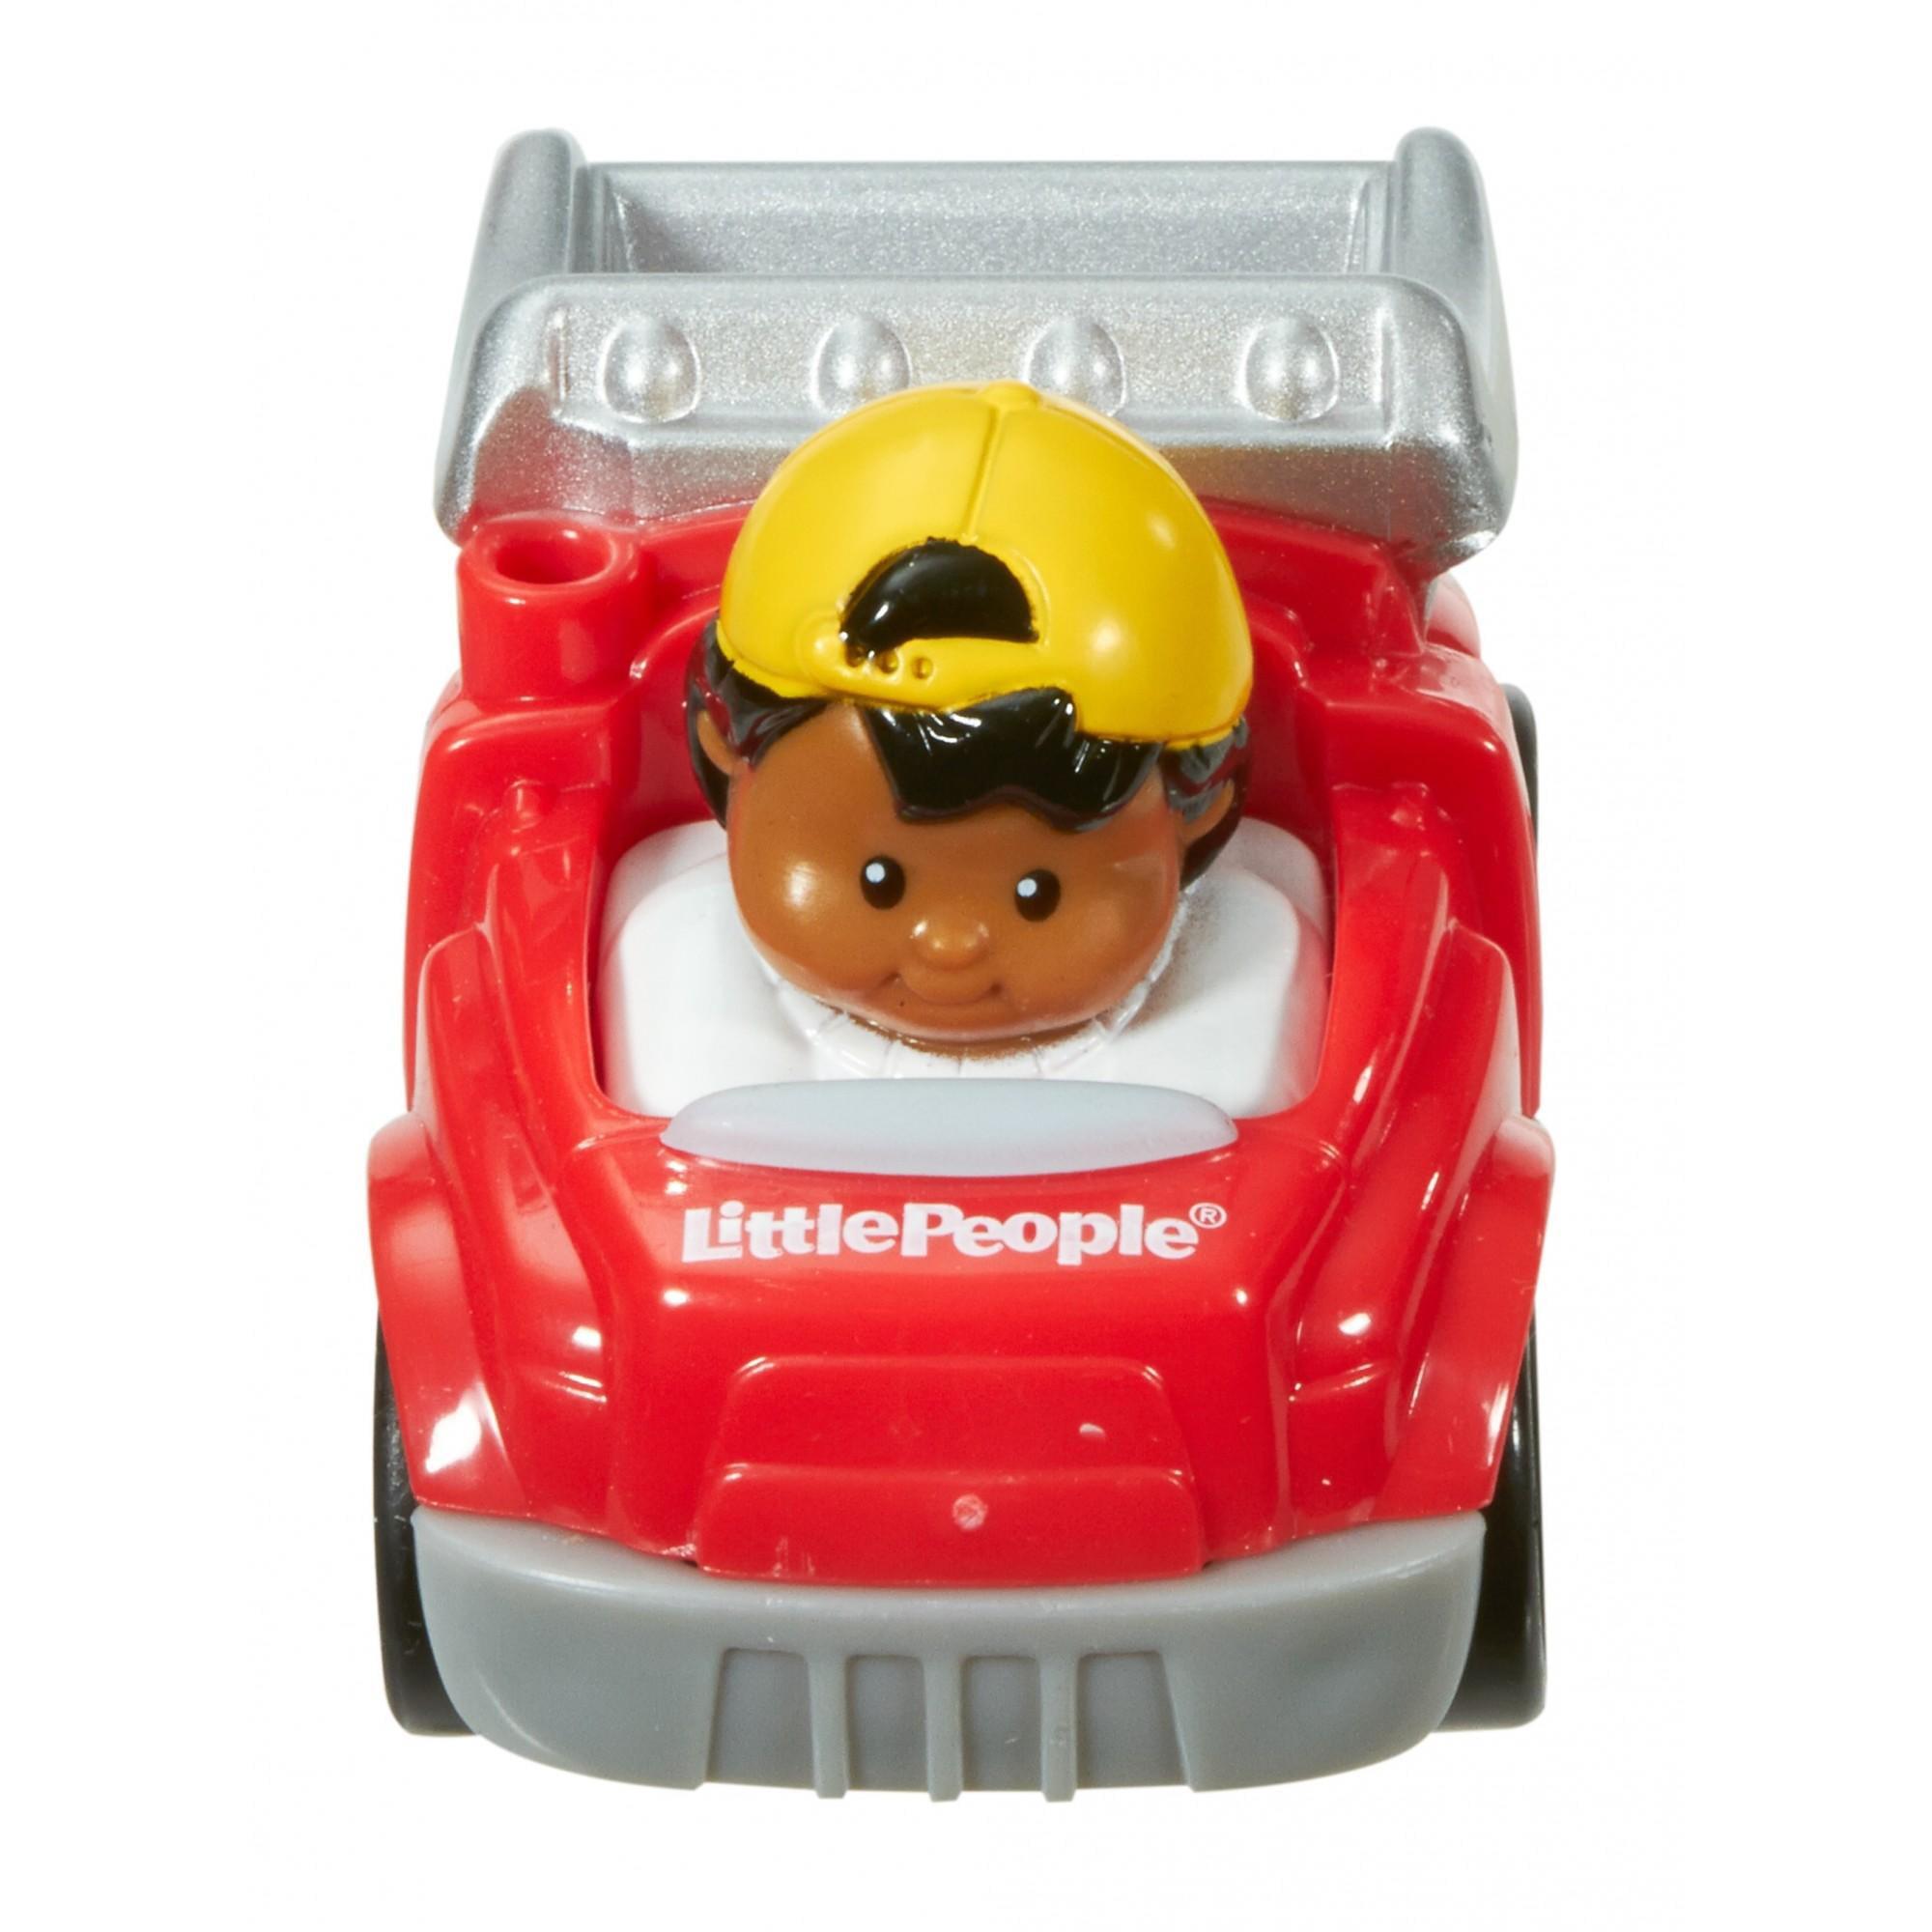 Little People Wheelies Dump Truck